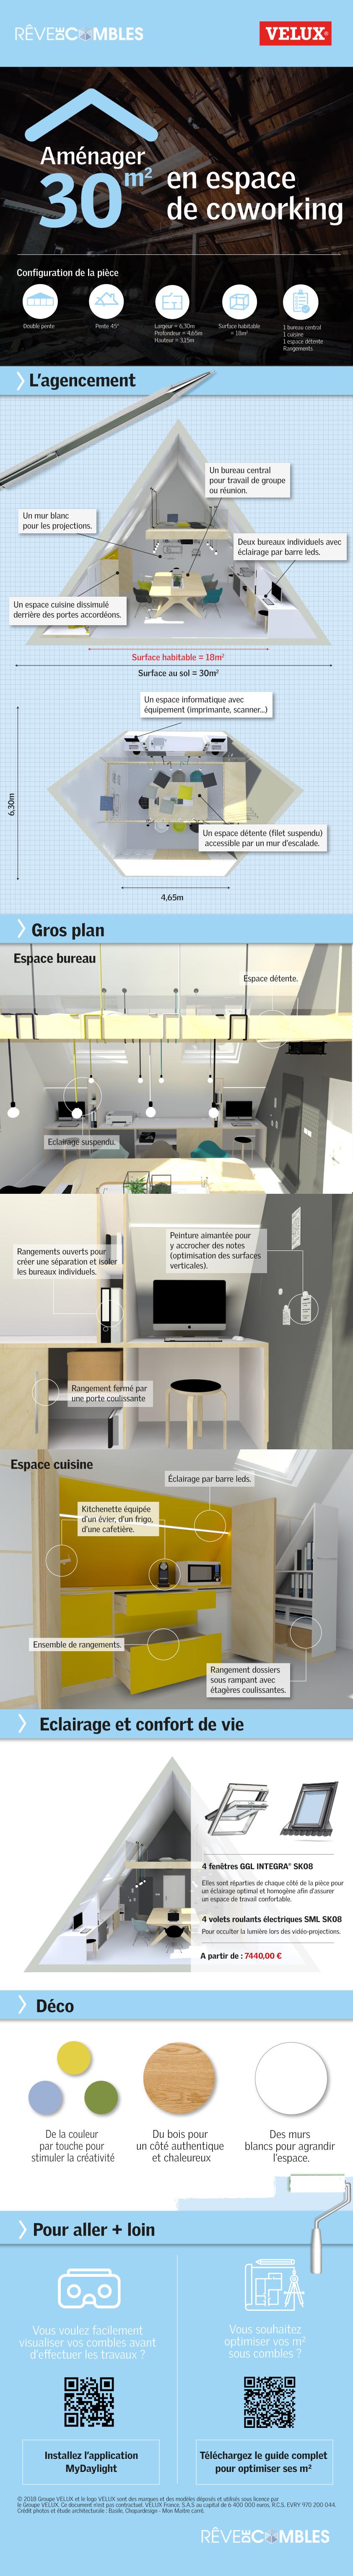 infographie-comment-amenager-petit-espace-combles-travail-coworking-maison